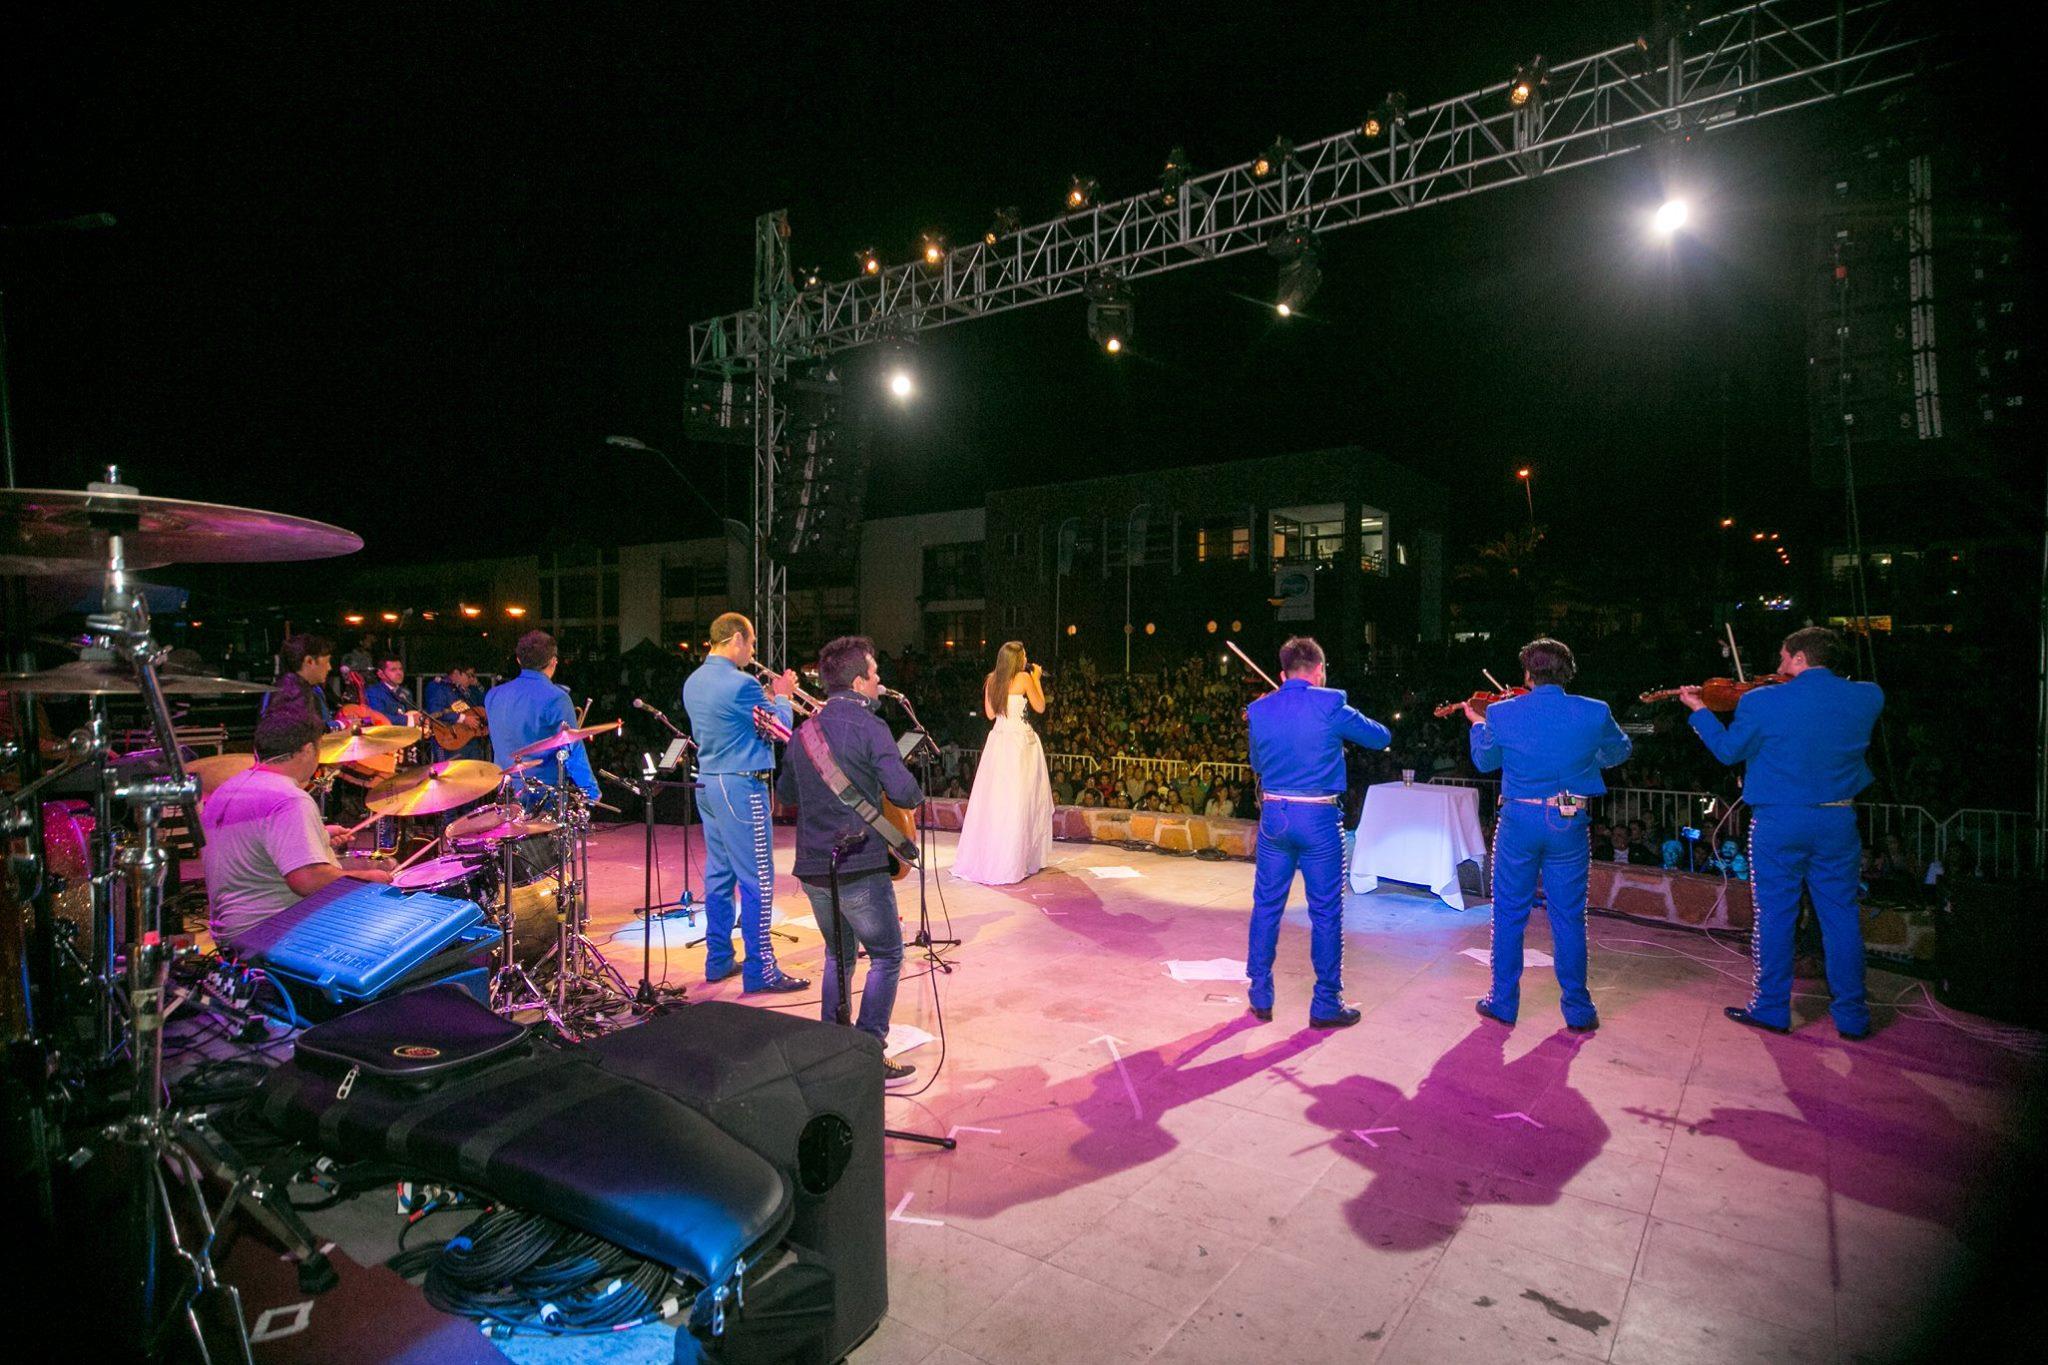 Éxito total del festival del Velero en Huasco